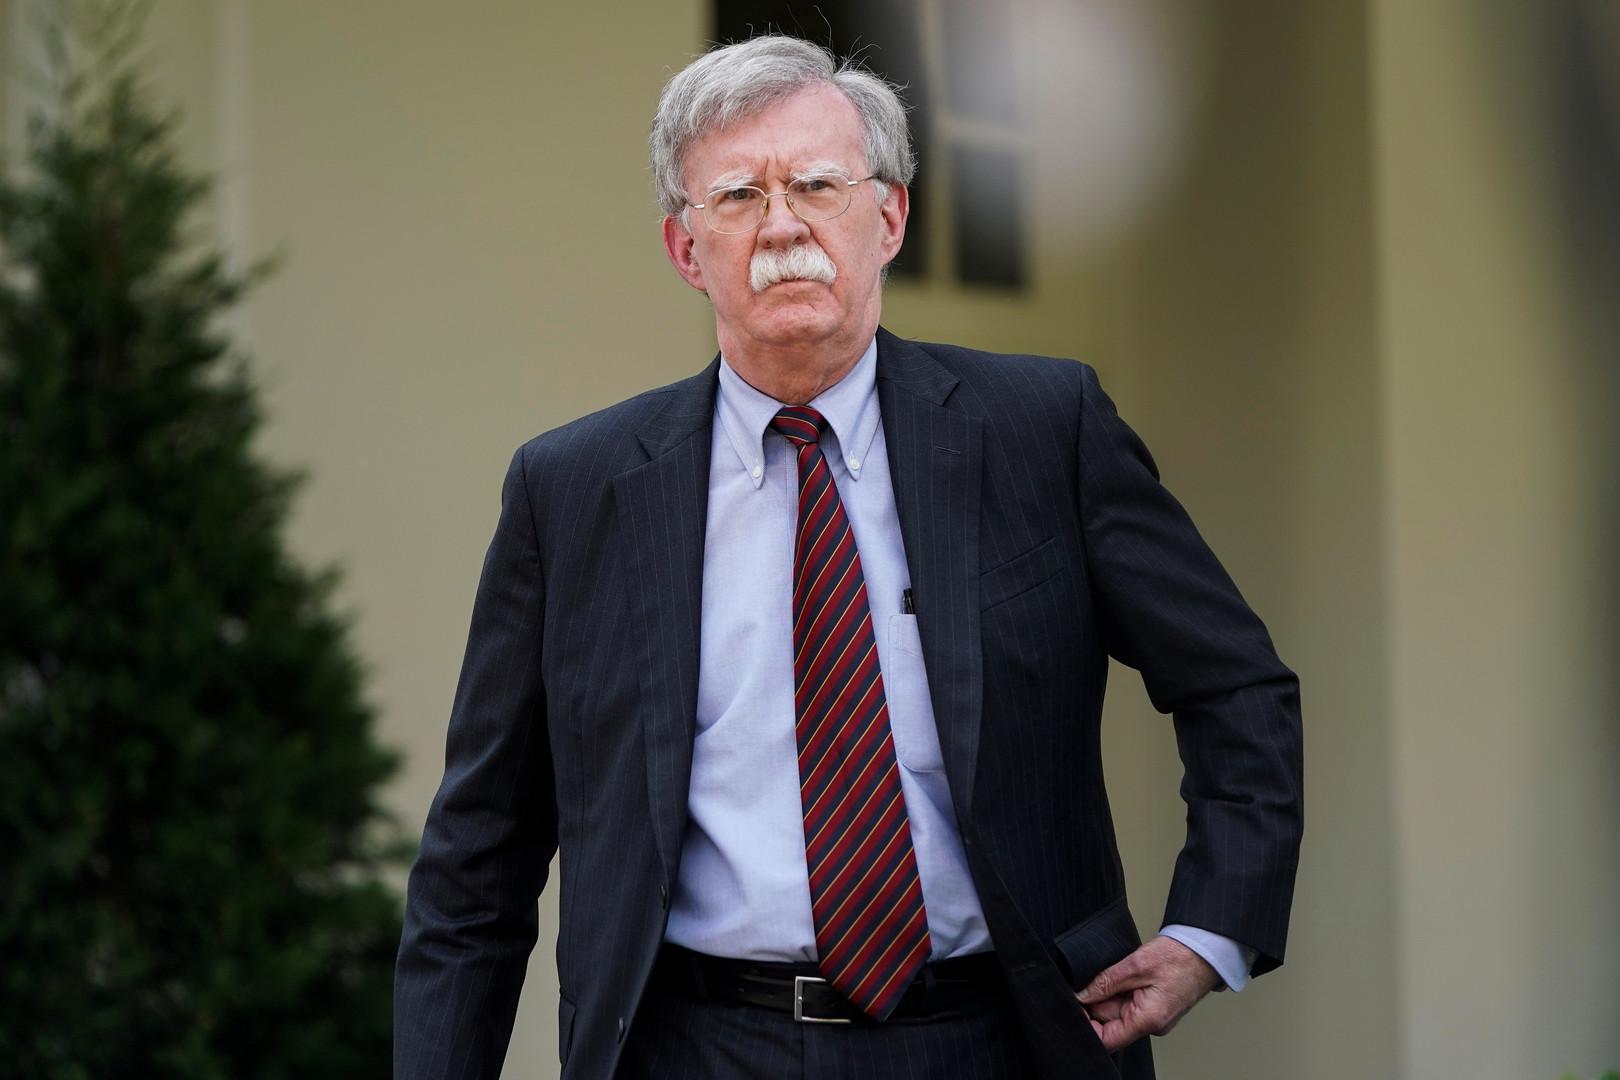 بولتون: العقوبات الحالية ضد إيران مجرد بداية وسنزيد الضغط عليها